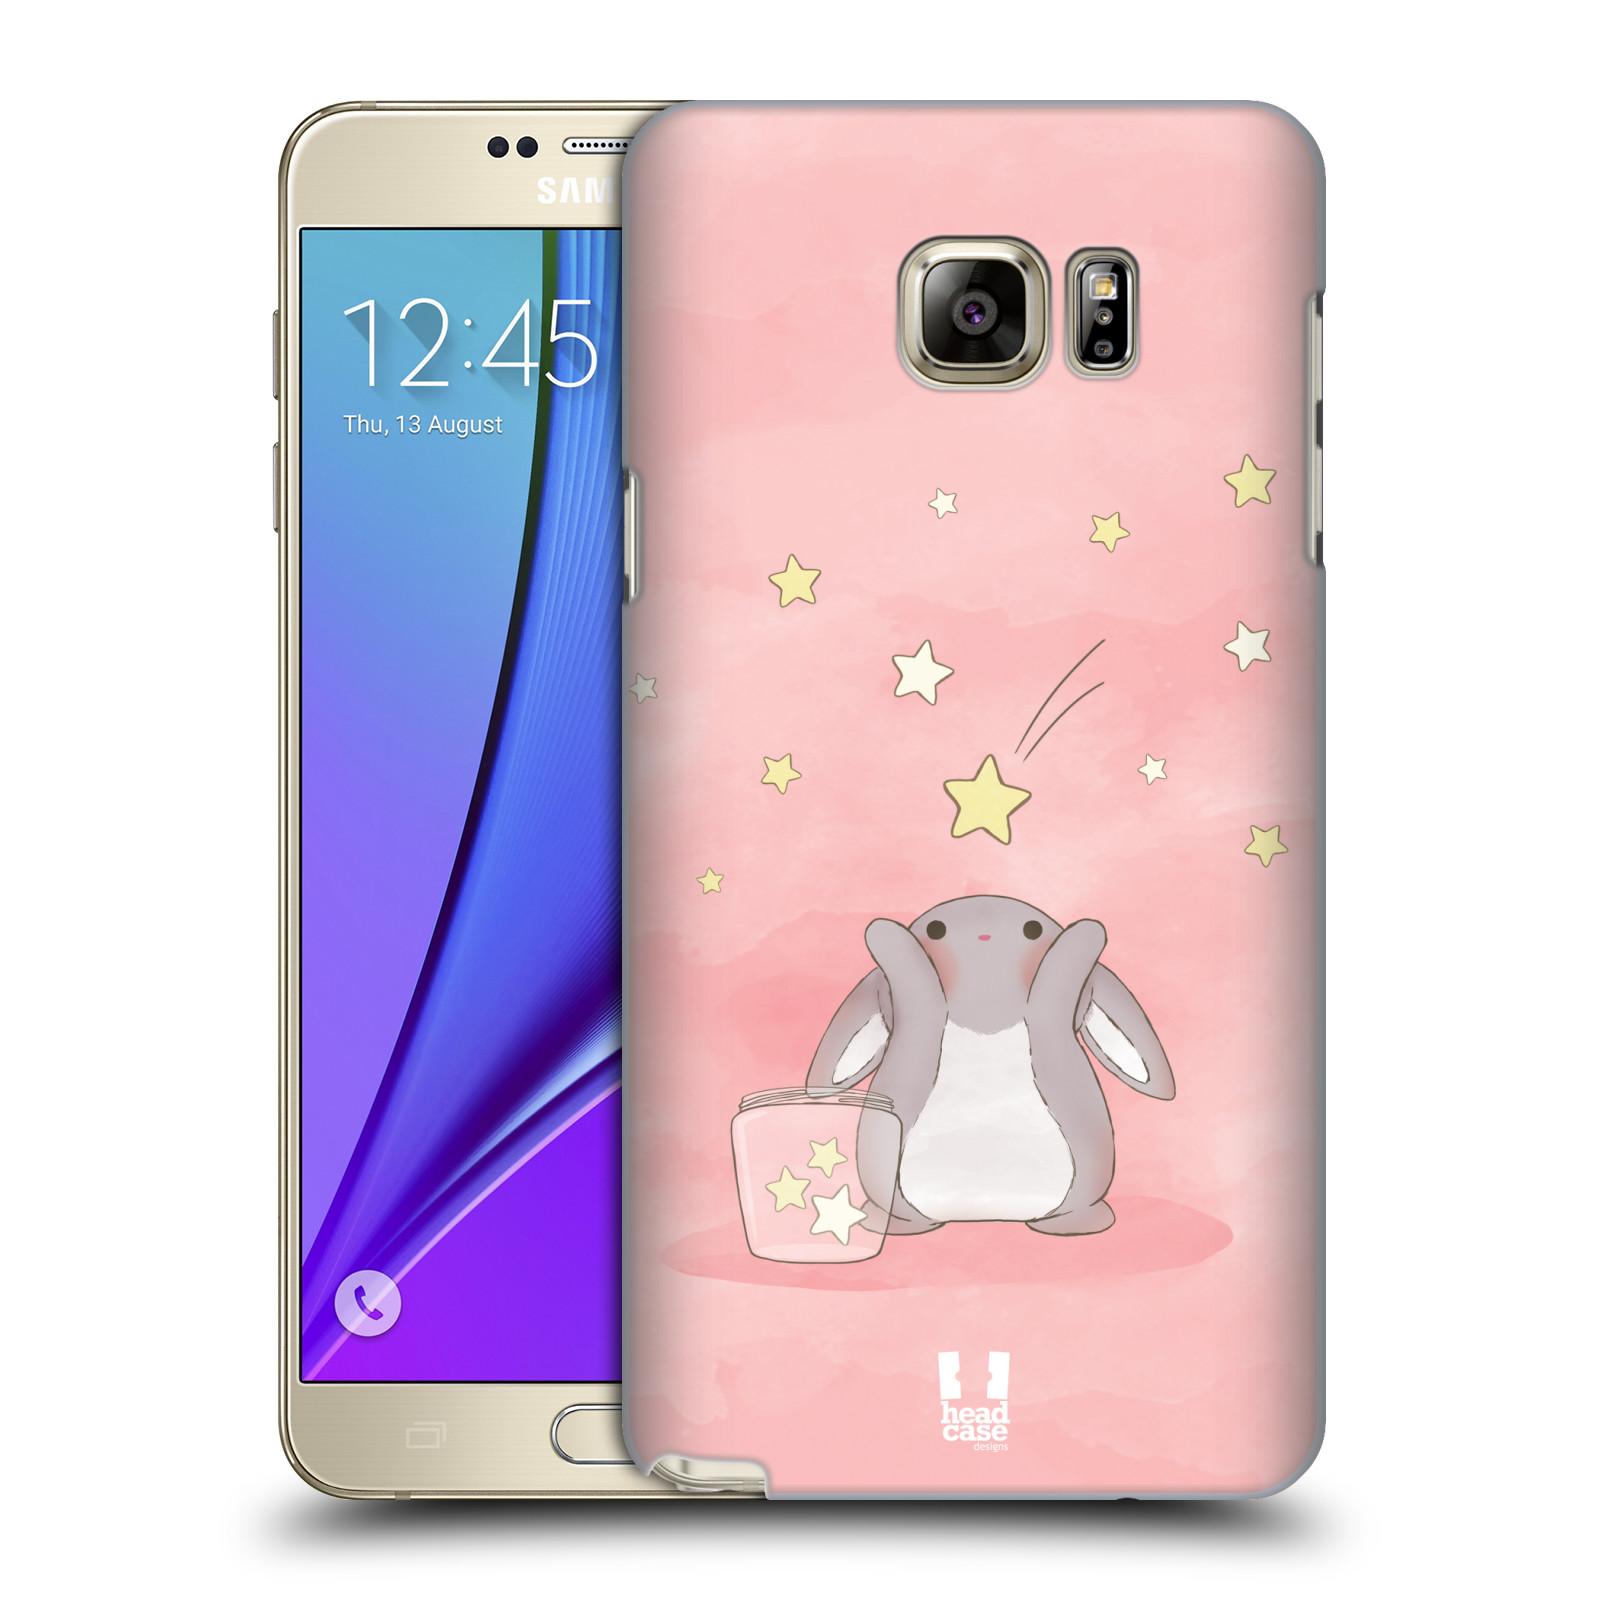 HEAD CASE plastový obal na mobil SAMSUNG Galaxy Note 5 (N920) vzor králíček a hvězdy růžová